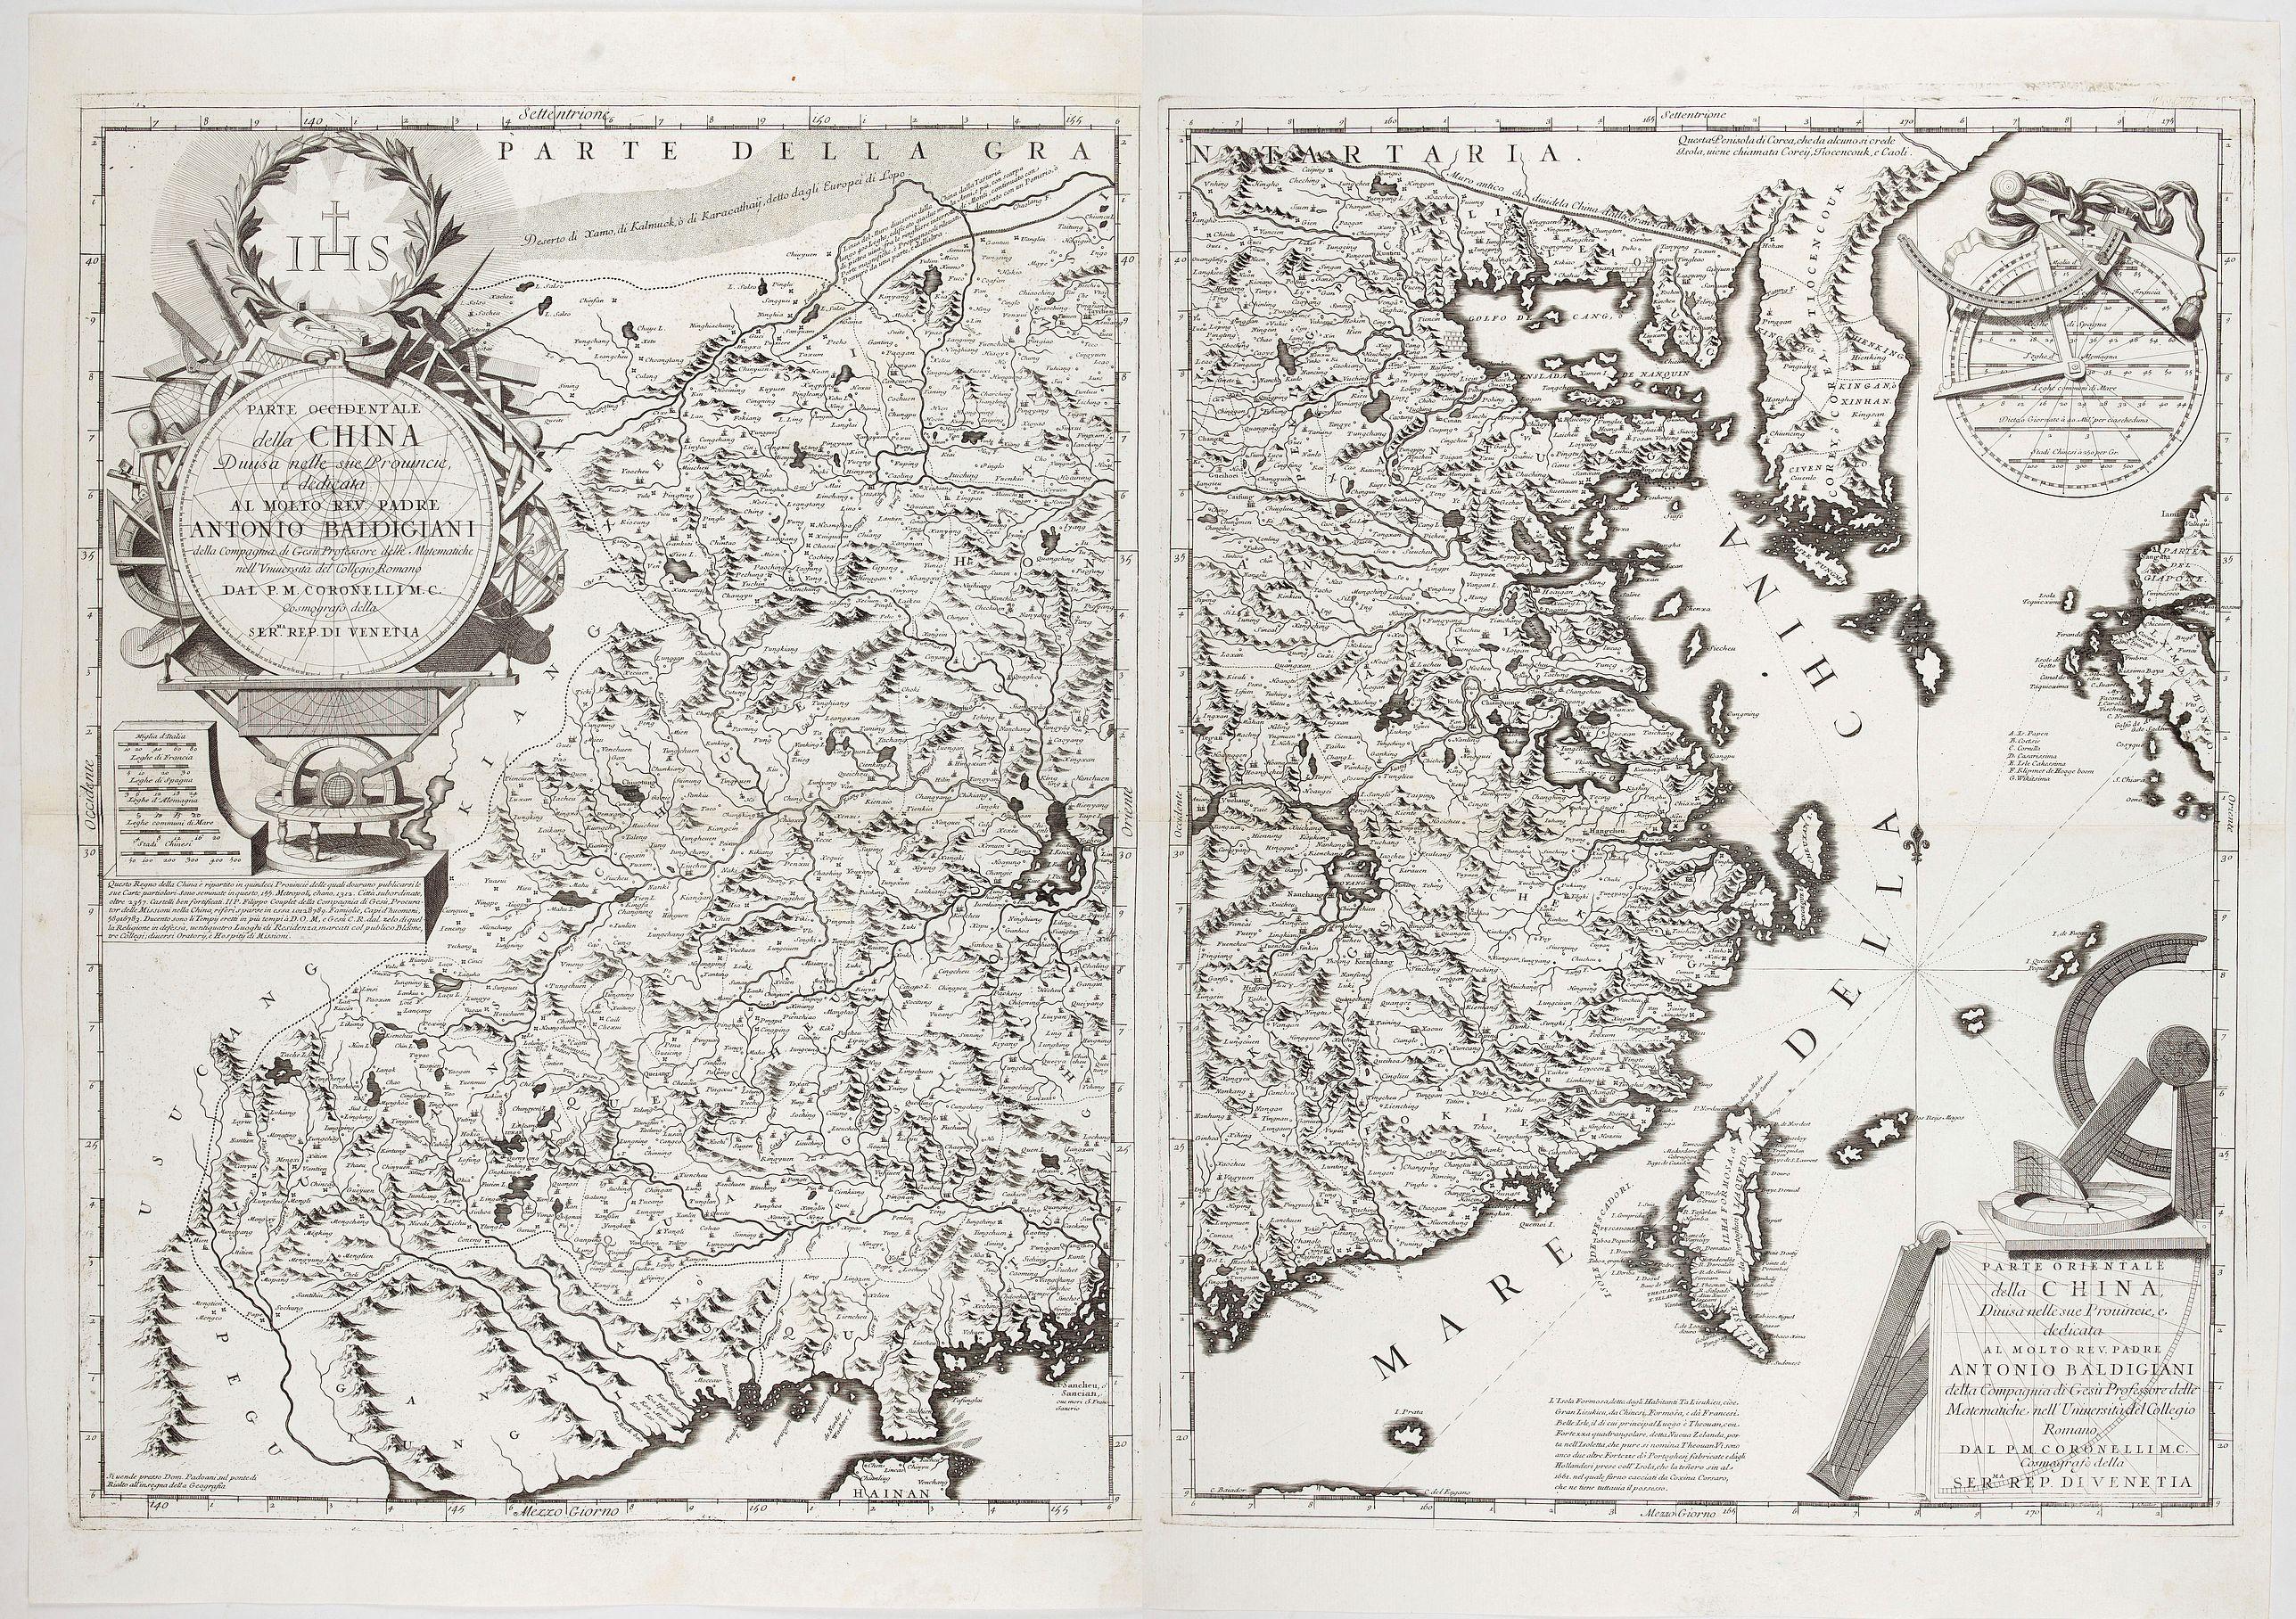 CORONELLI, V. M. -  Parte orientale della China.. / Parte occidentale della China (2 sheets)